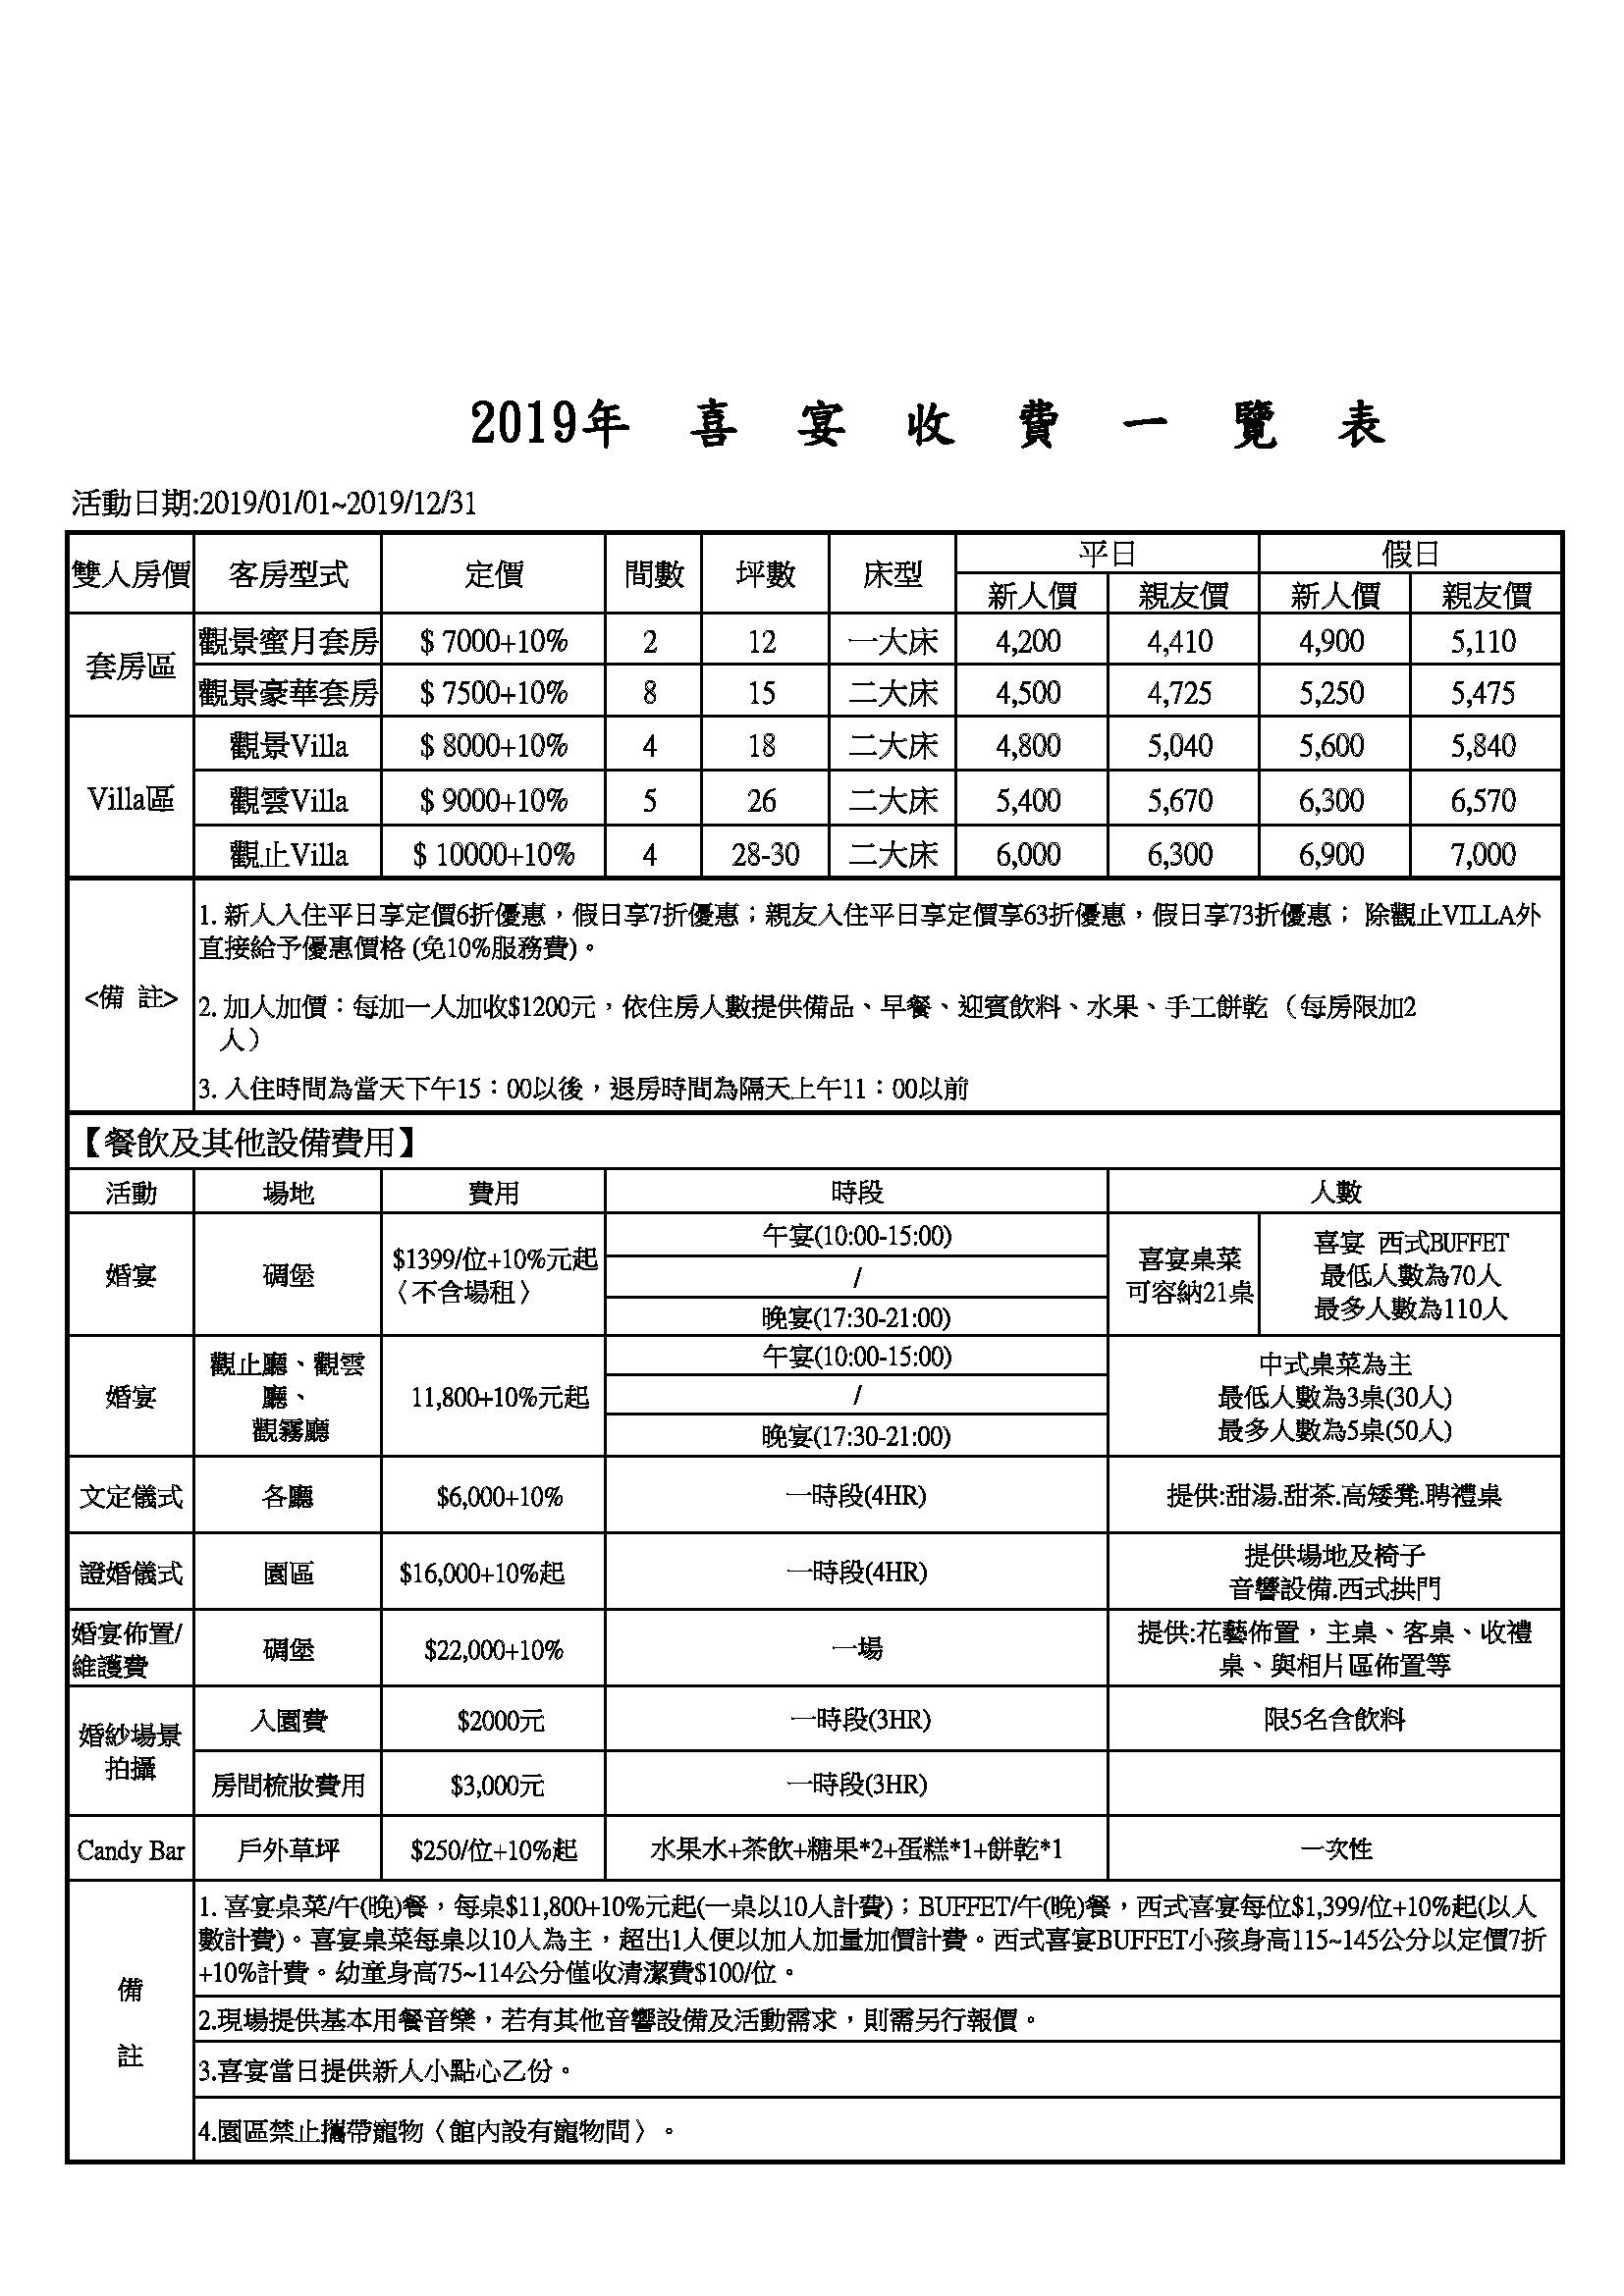 觀止2019婚宴報價單.jpg